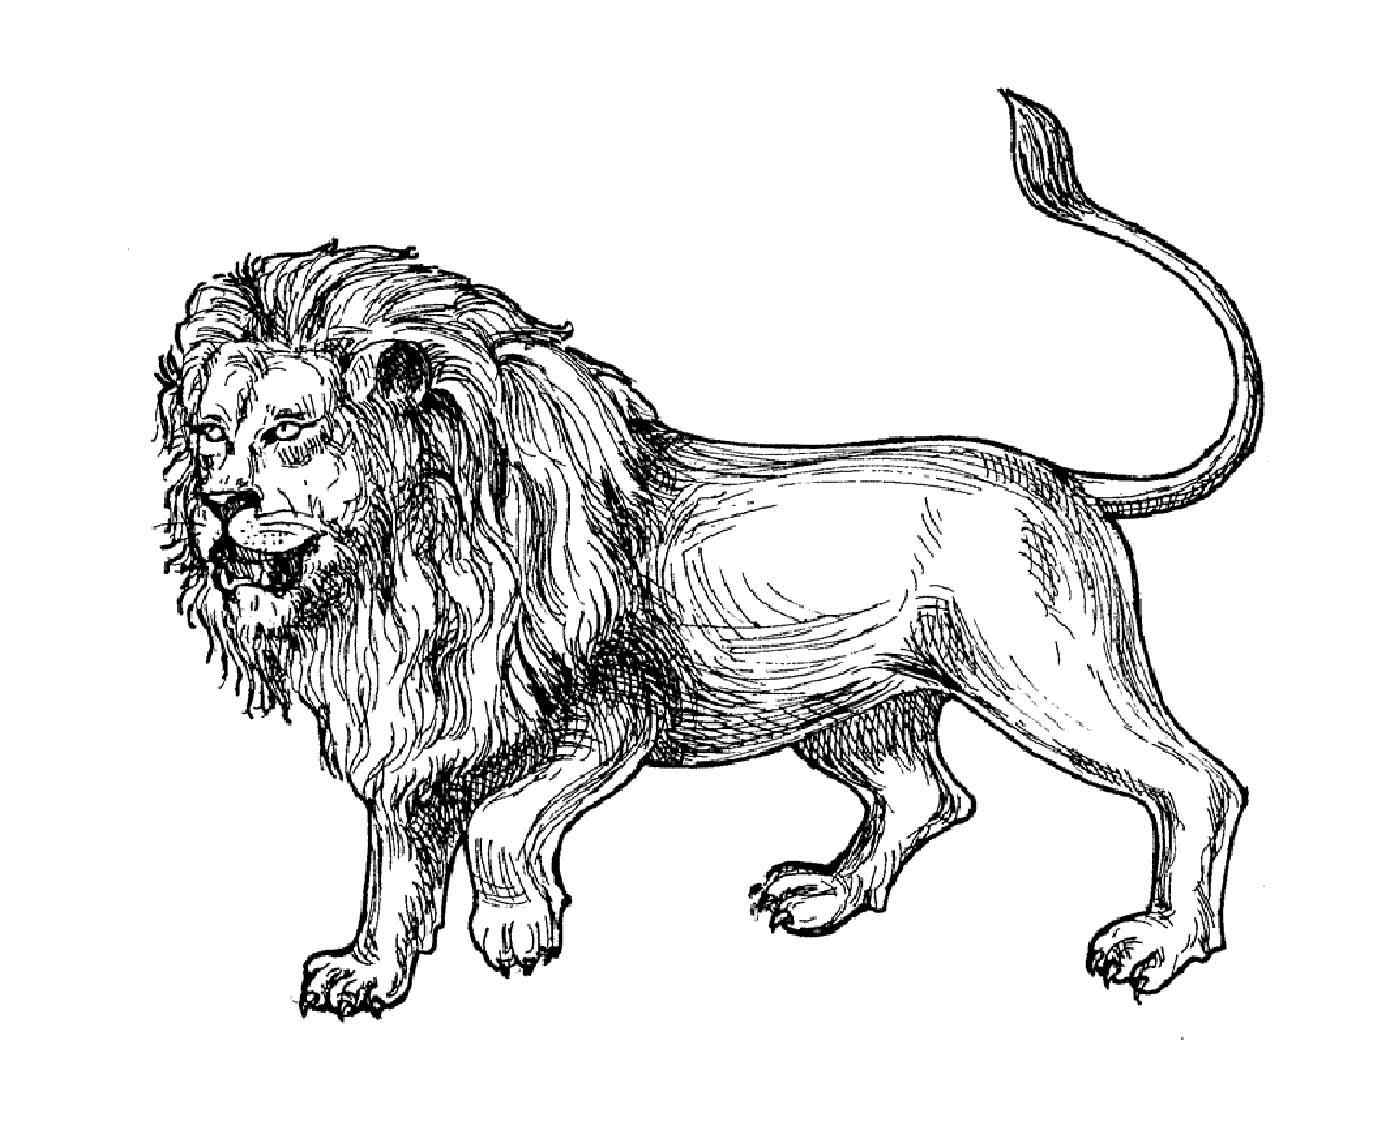 Tranh tô màu con sư tử 0